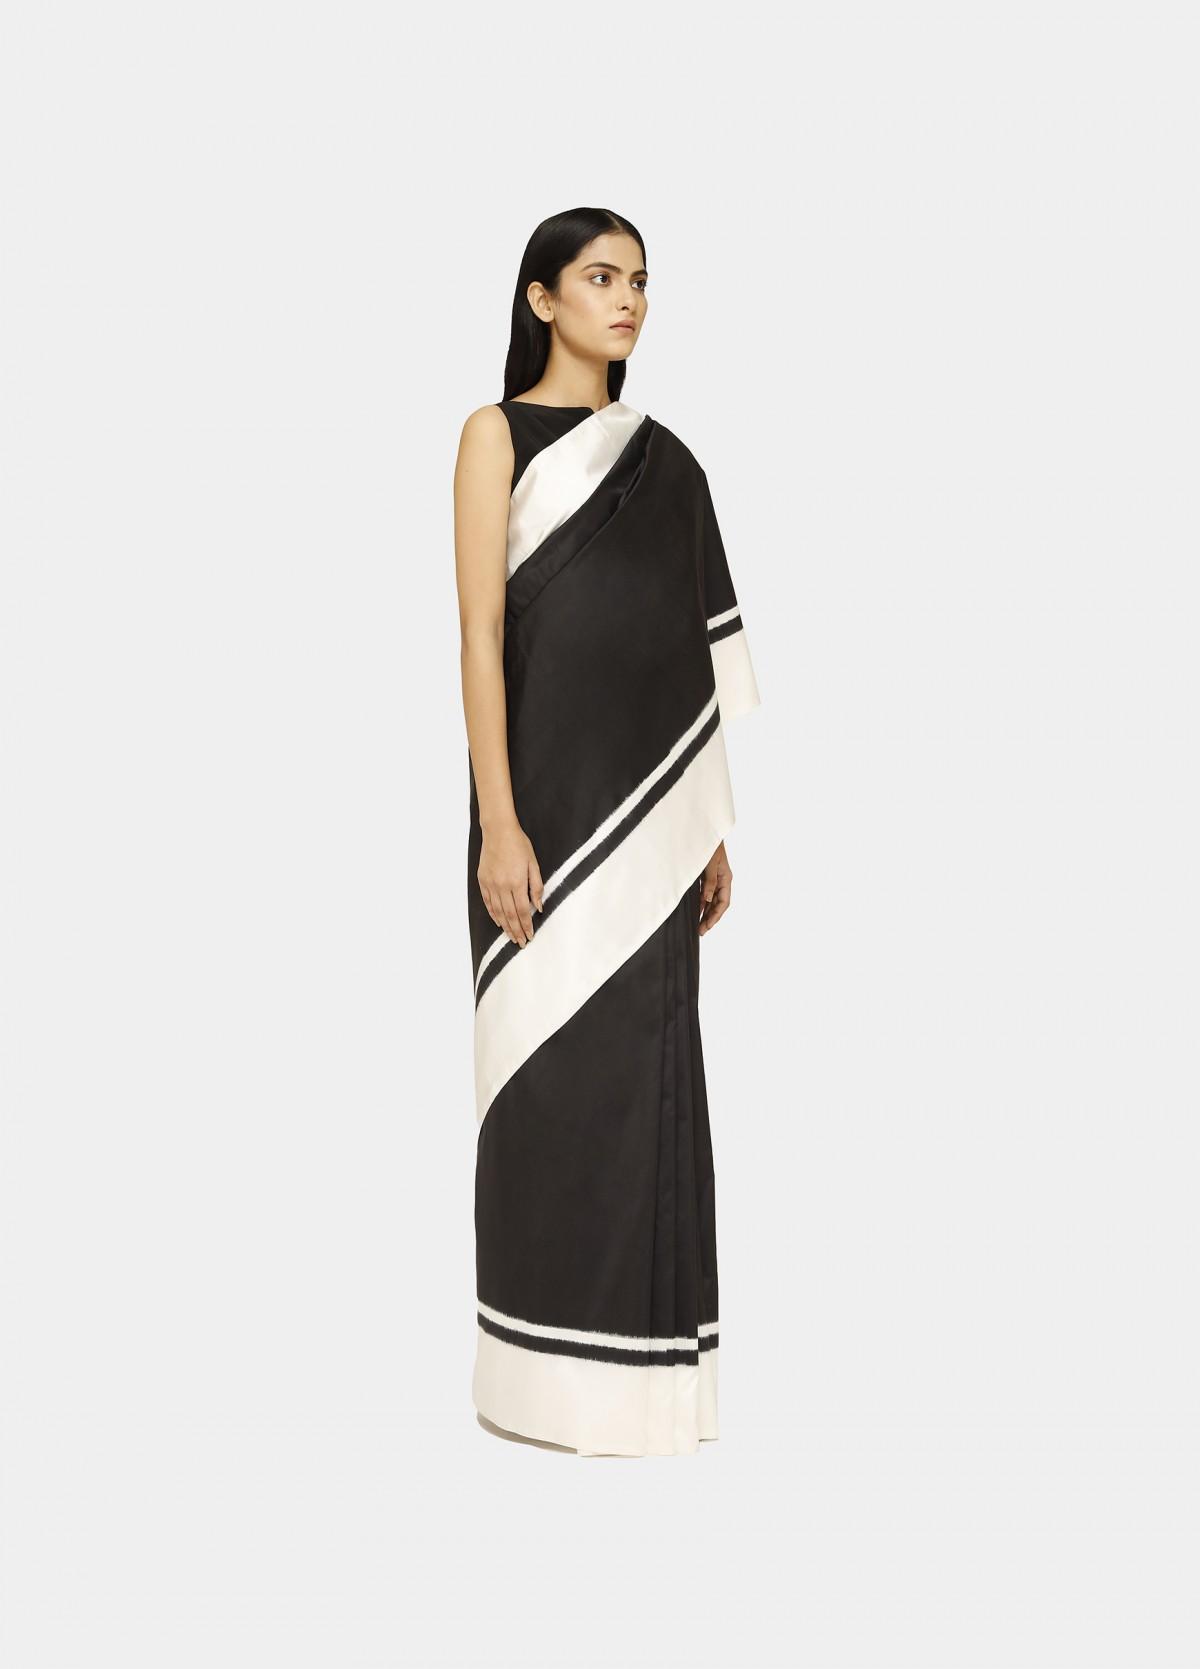 The Shyammah Sari